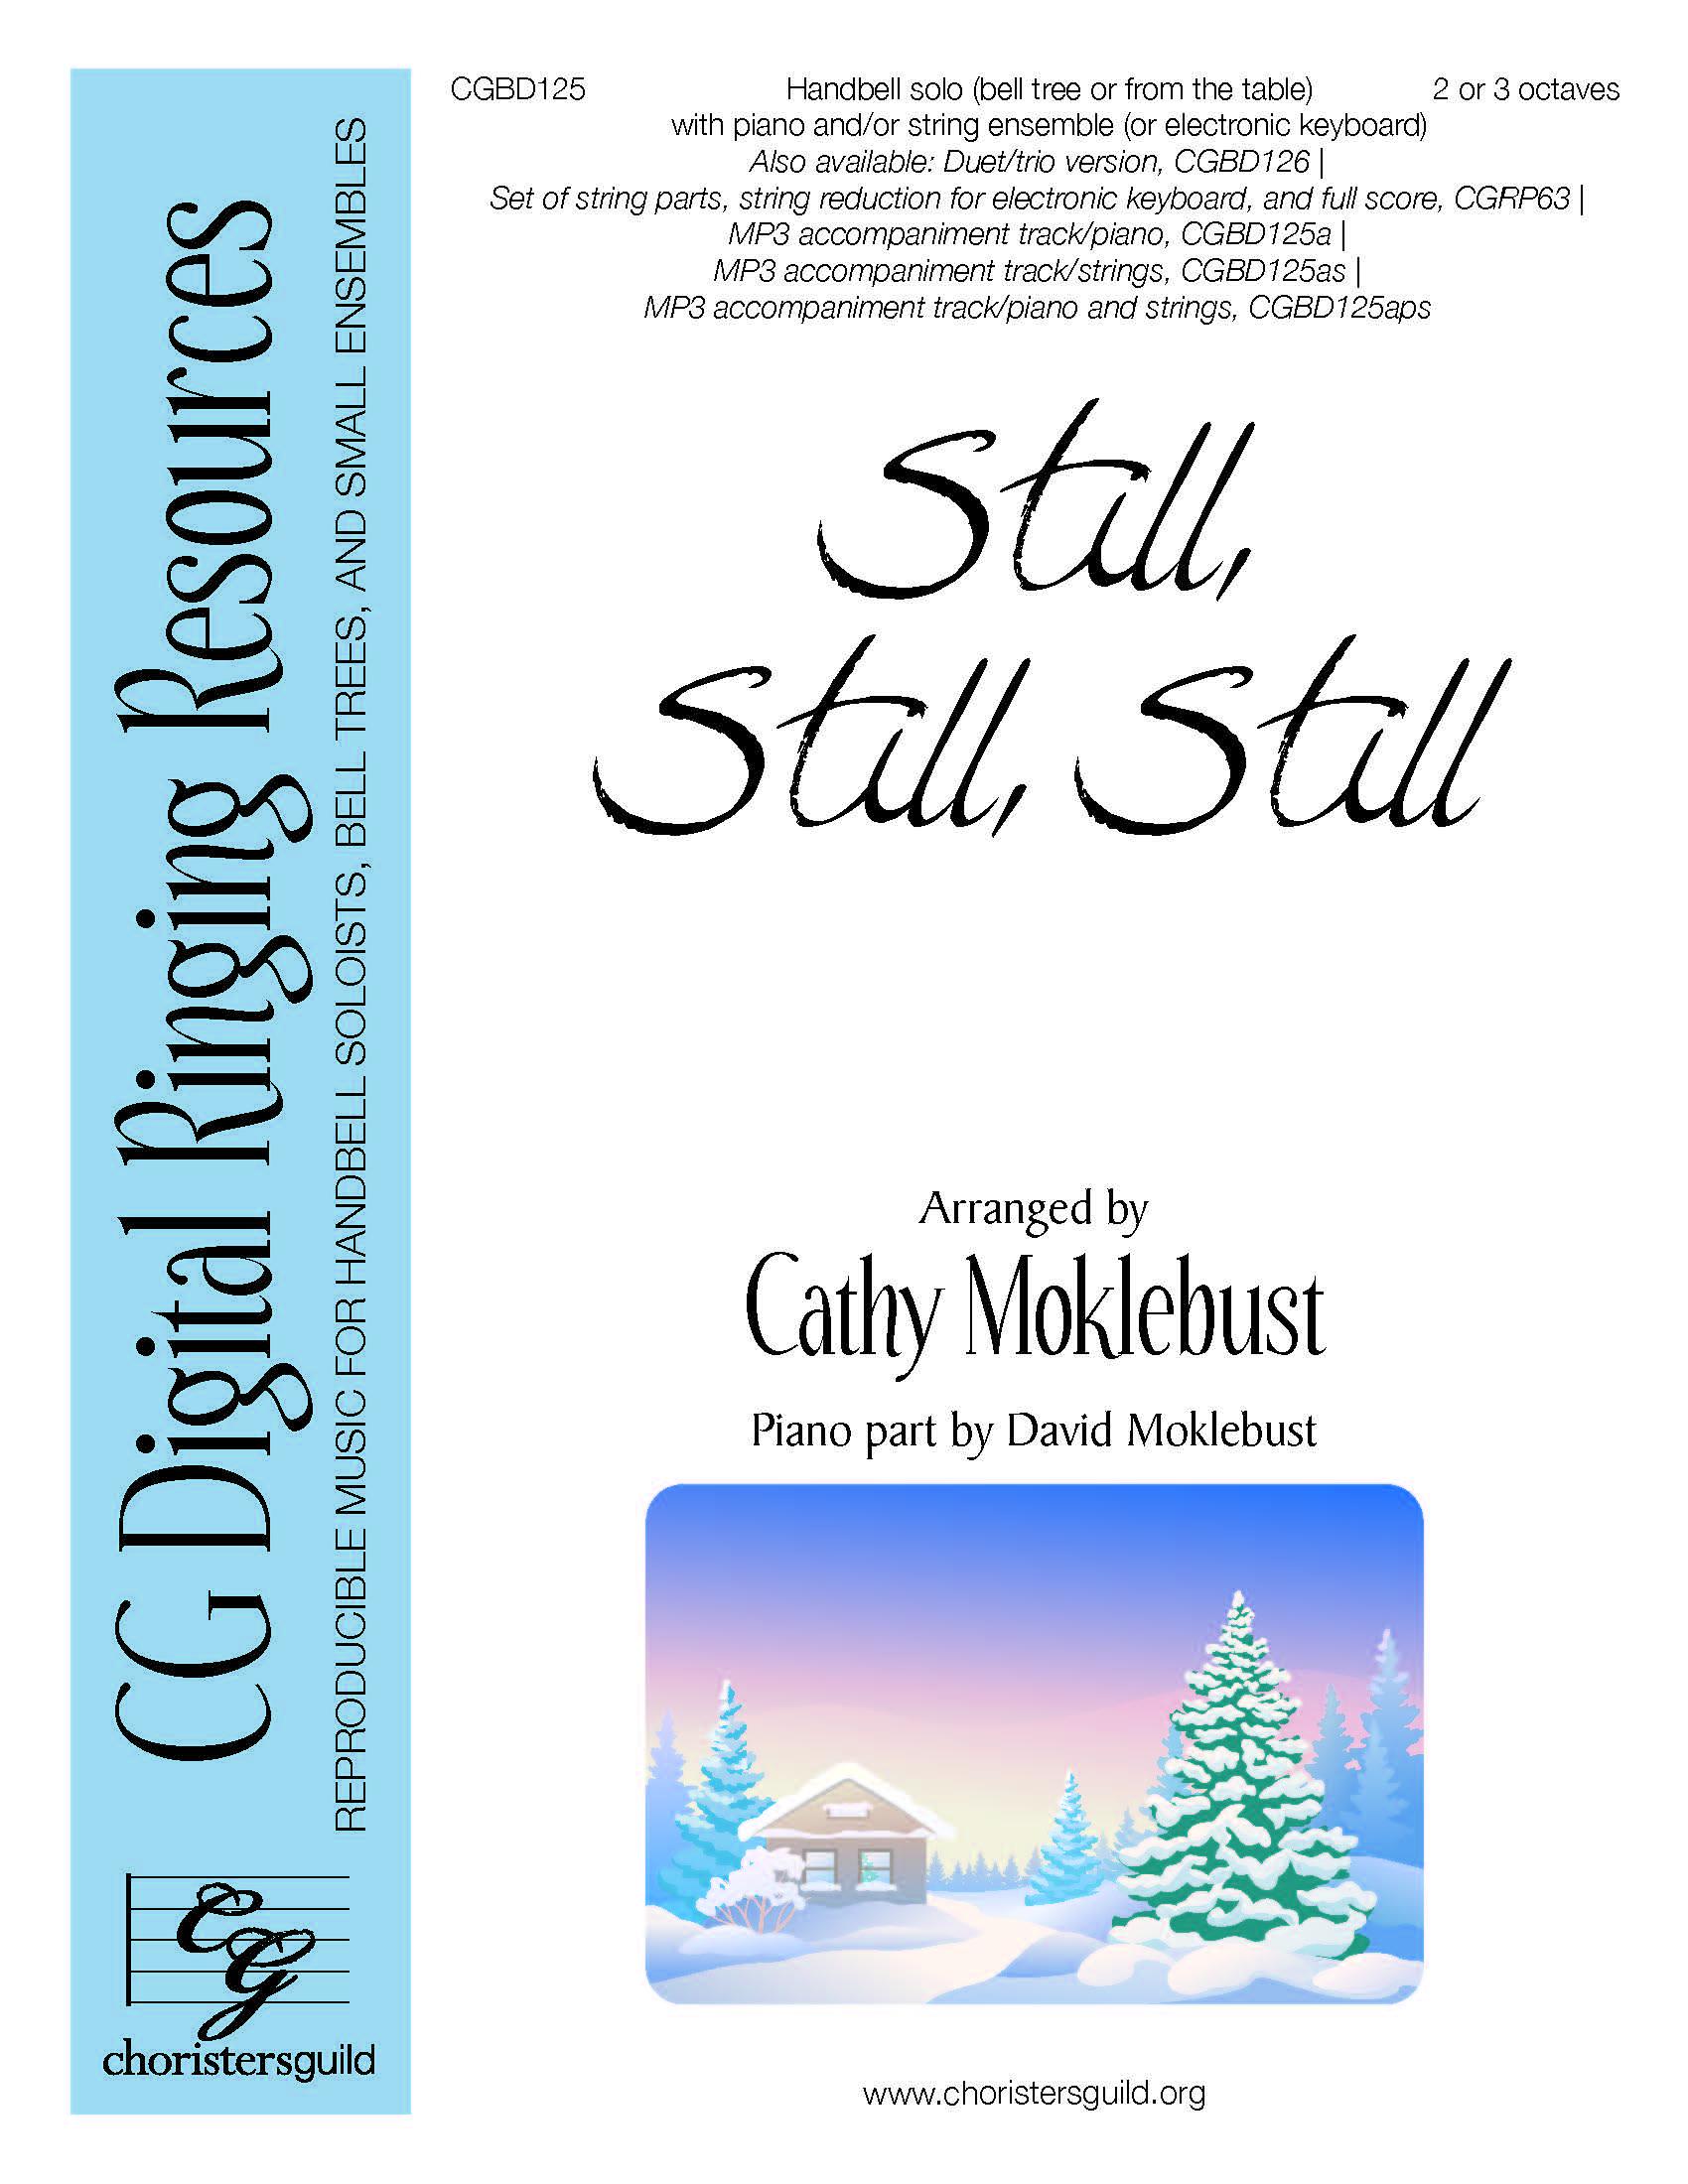 Still, Still, Still - Digital Accompaniment Track (piano and strings)